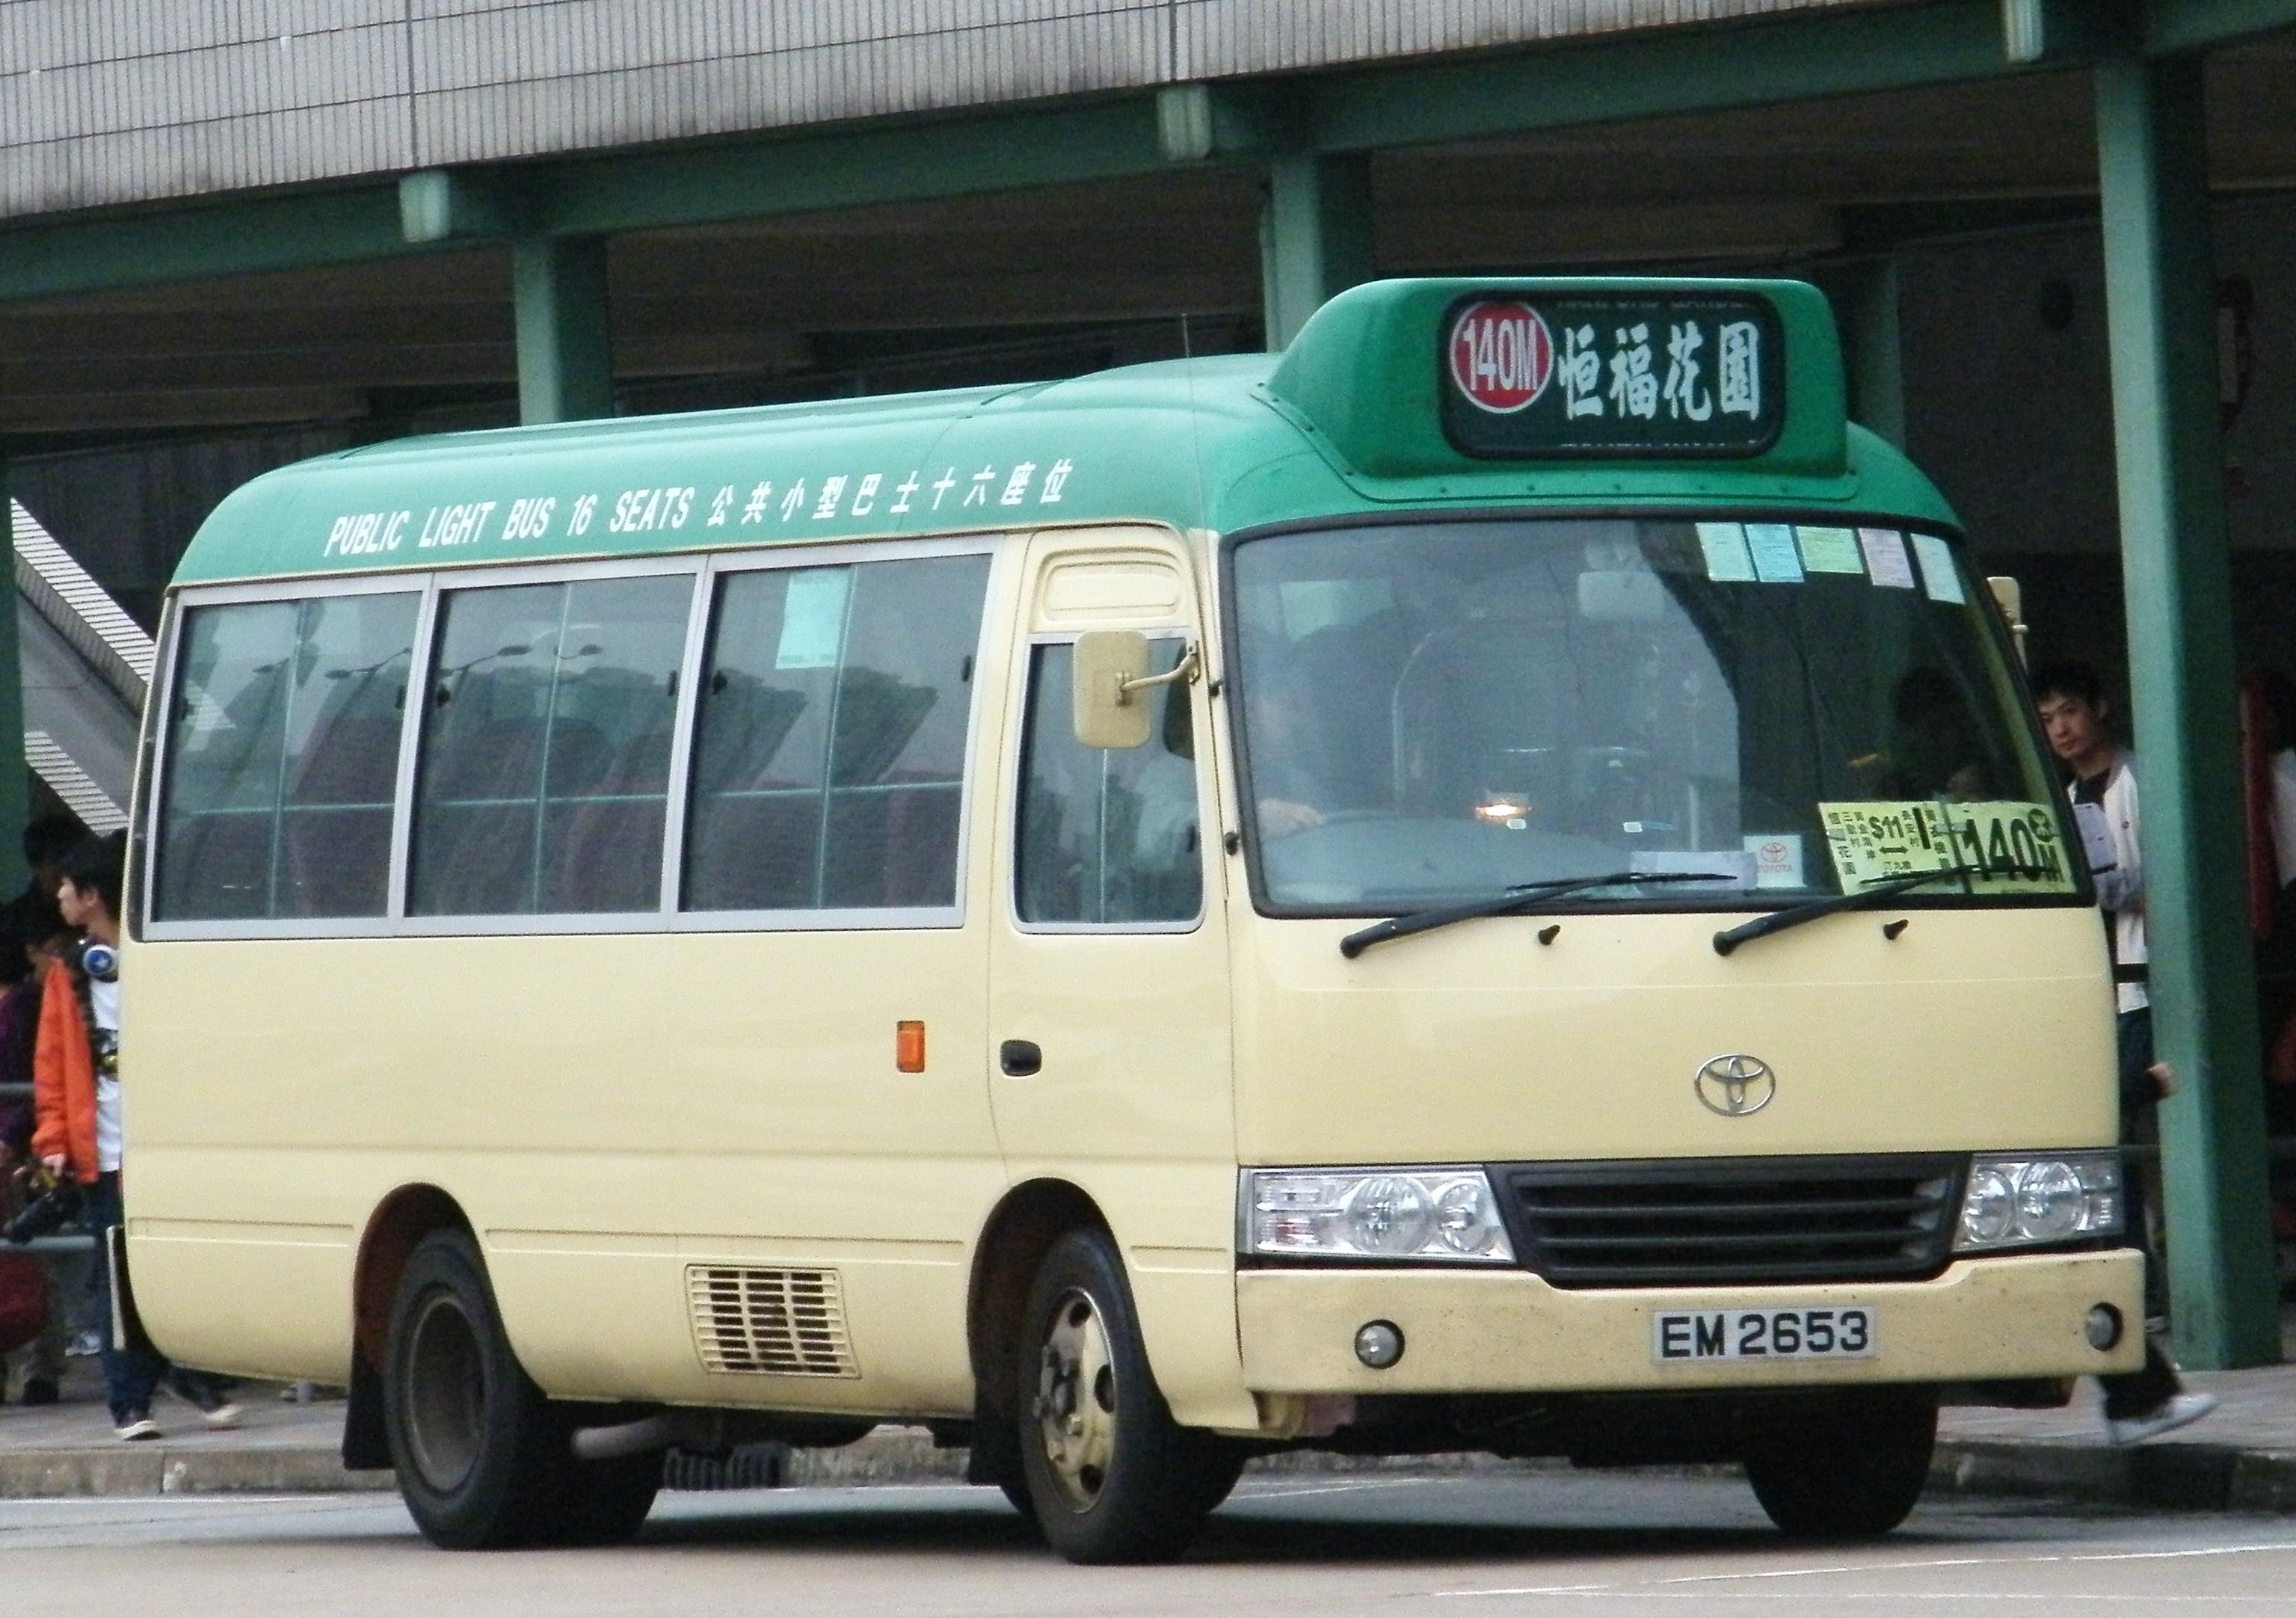 新界專綫小巴140M線